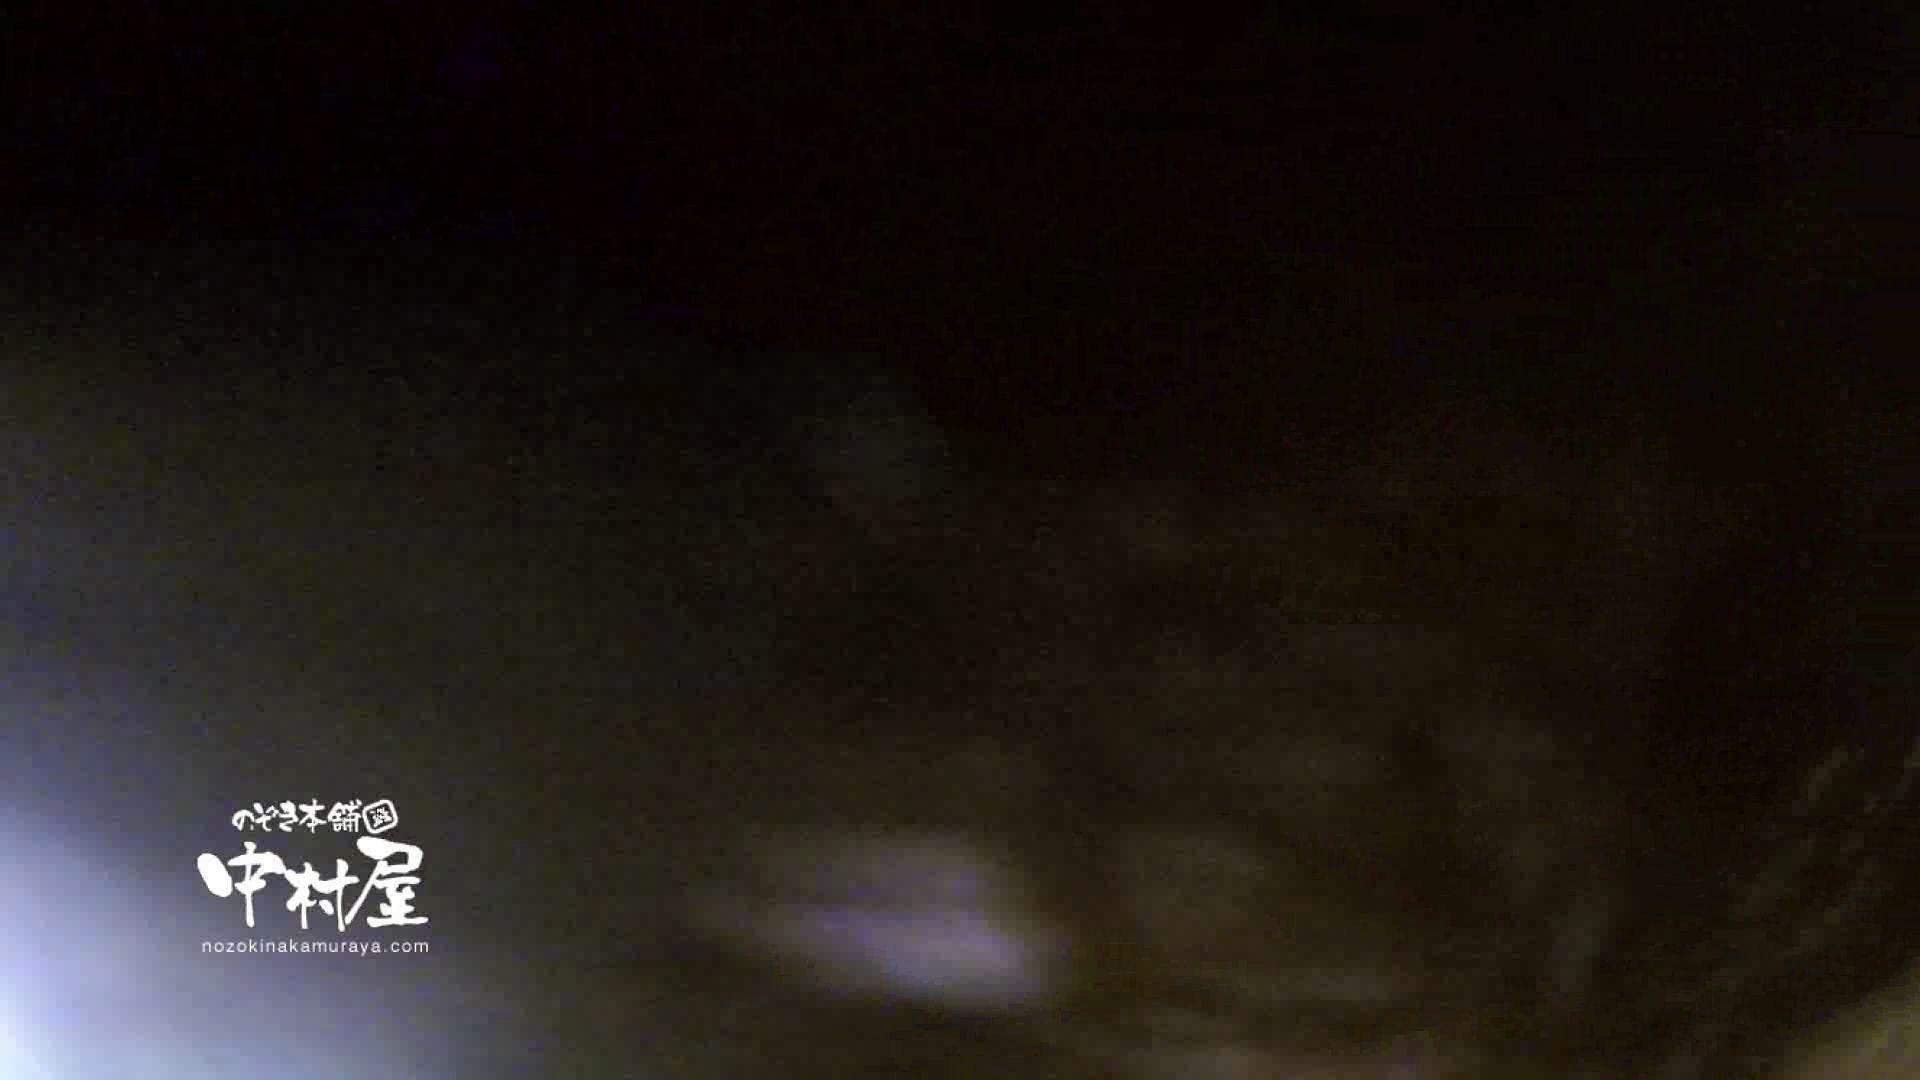 鬼畜 vol.14 小生意気なおなごにはペナルティー 前編 鬼畜 | 綺麗なOLたち  74枚 59